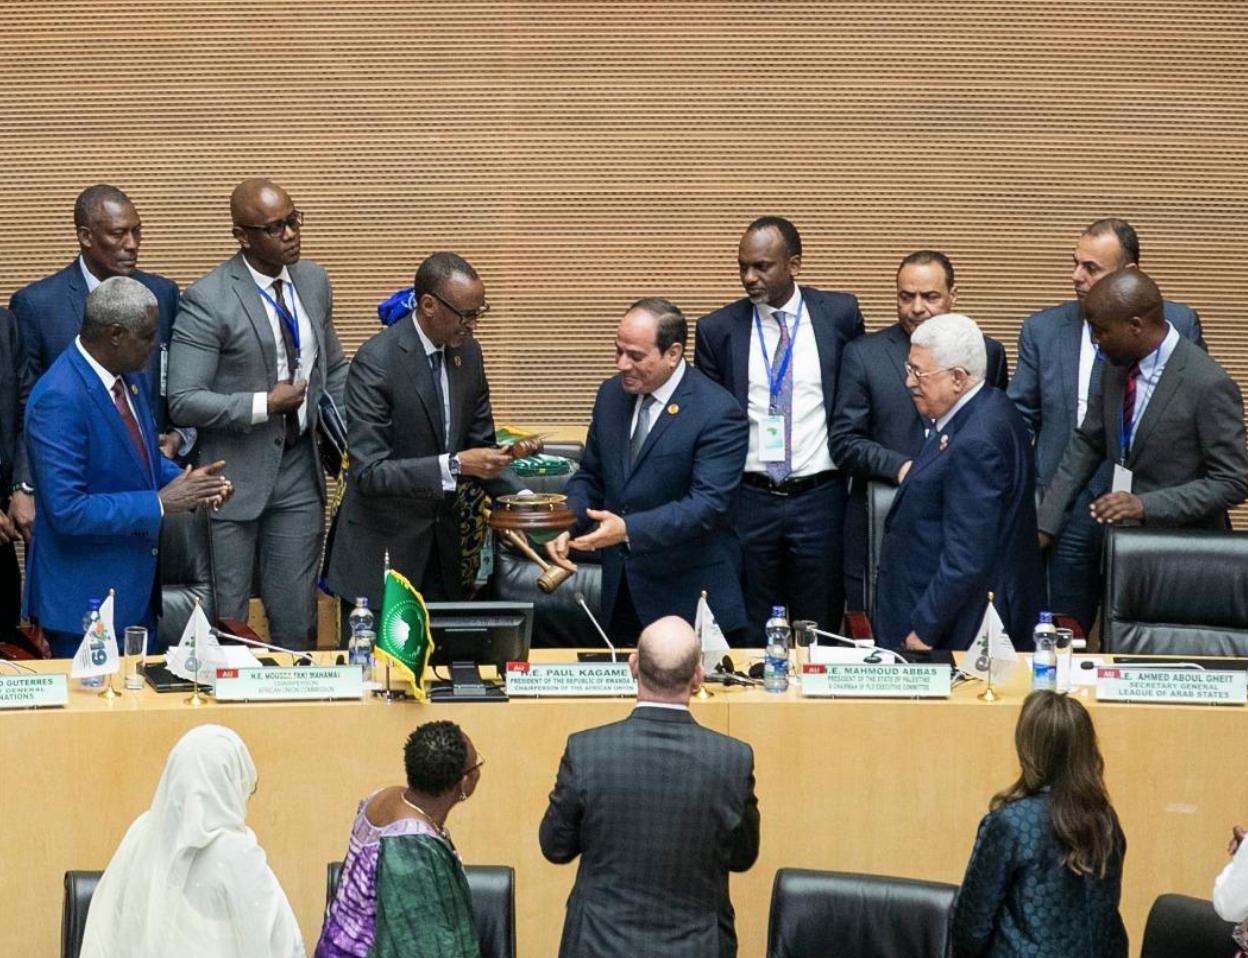 Passation de pouvoir entre Paul Kagame et Abdel Fattah al-Sissi, à la tribune du 32e sommet de l'Union africaine, le 10 février 2019 à Addis-Abeba.